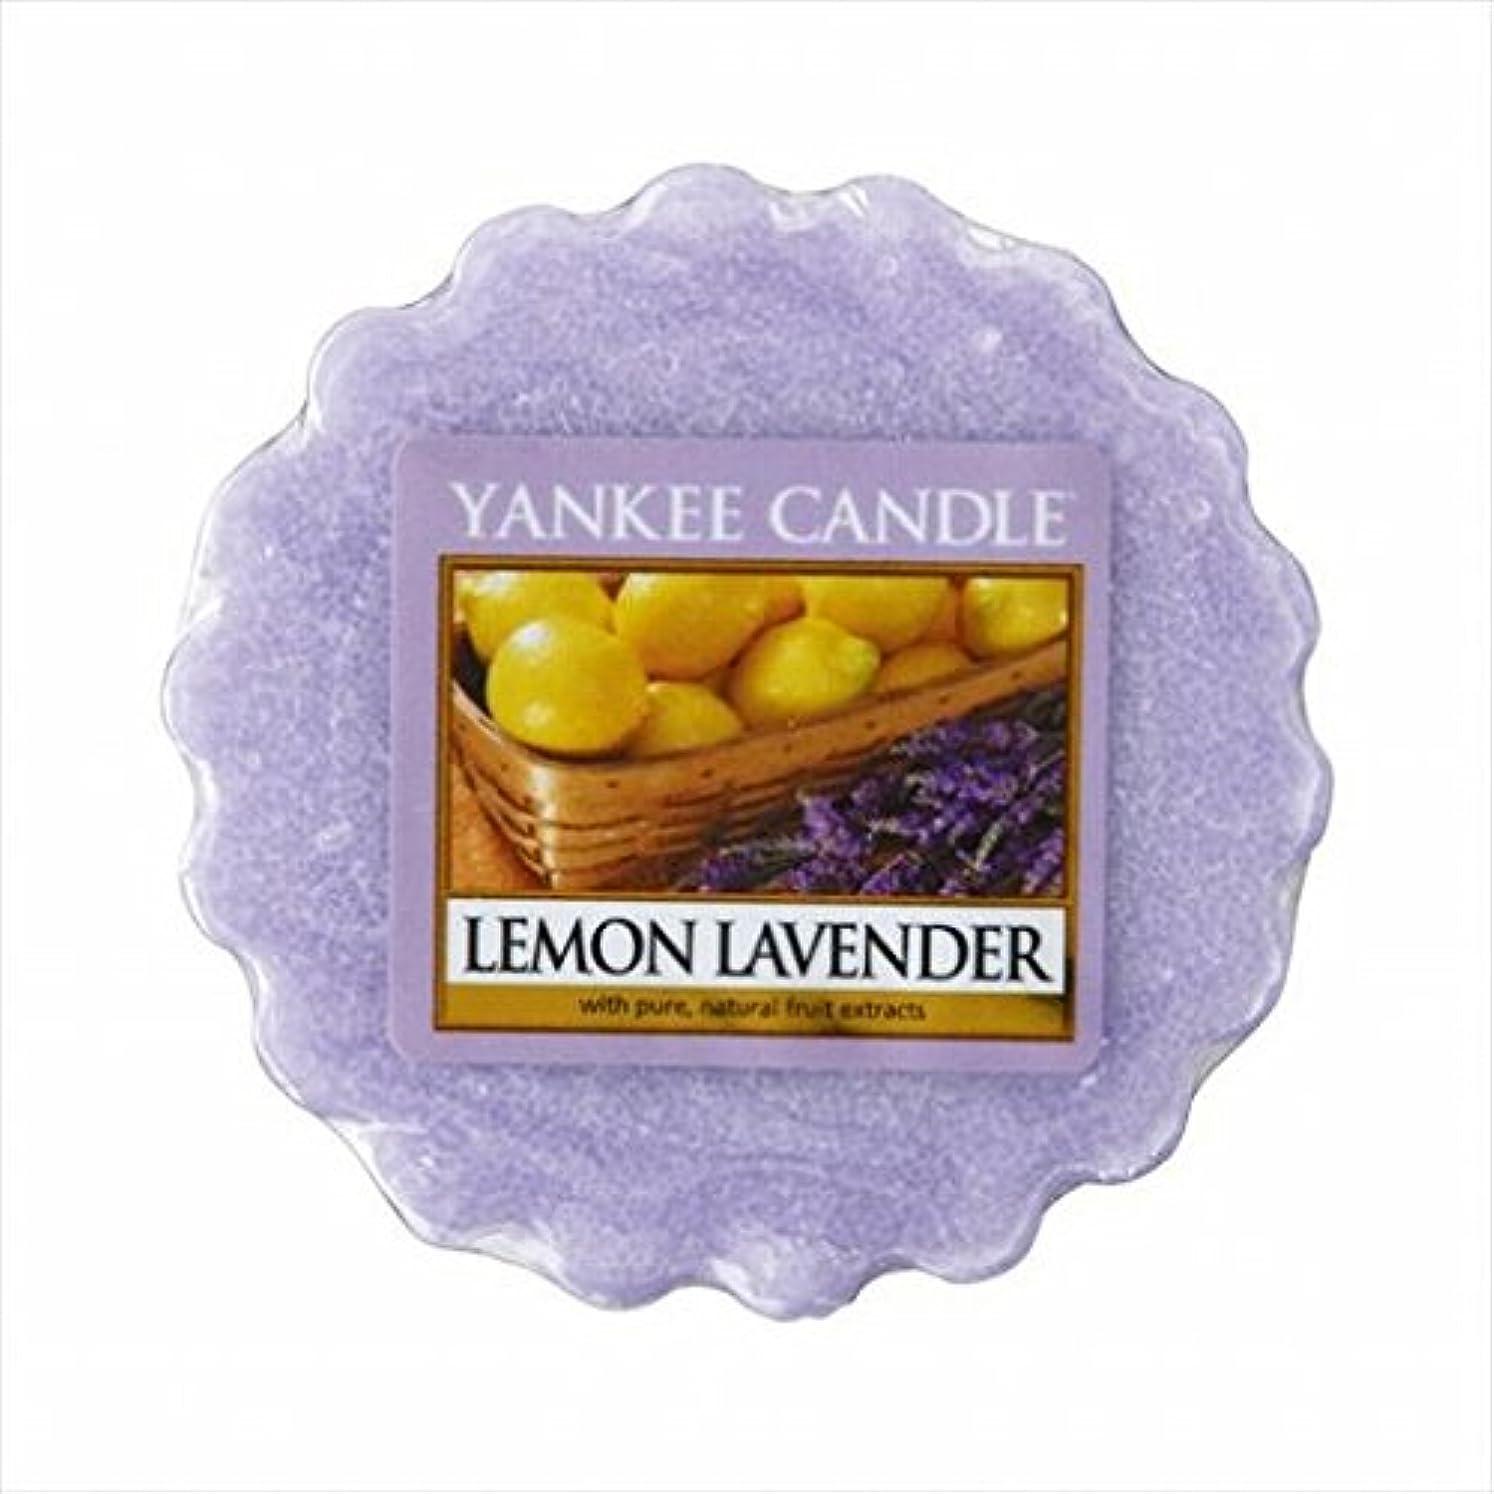 ハイブリッド娯楽包括的カメヤマキャンドル(kameyama candle) YANKEE CANDLE タルト ワックスポプリ 「 レモンラベンダー 」